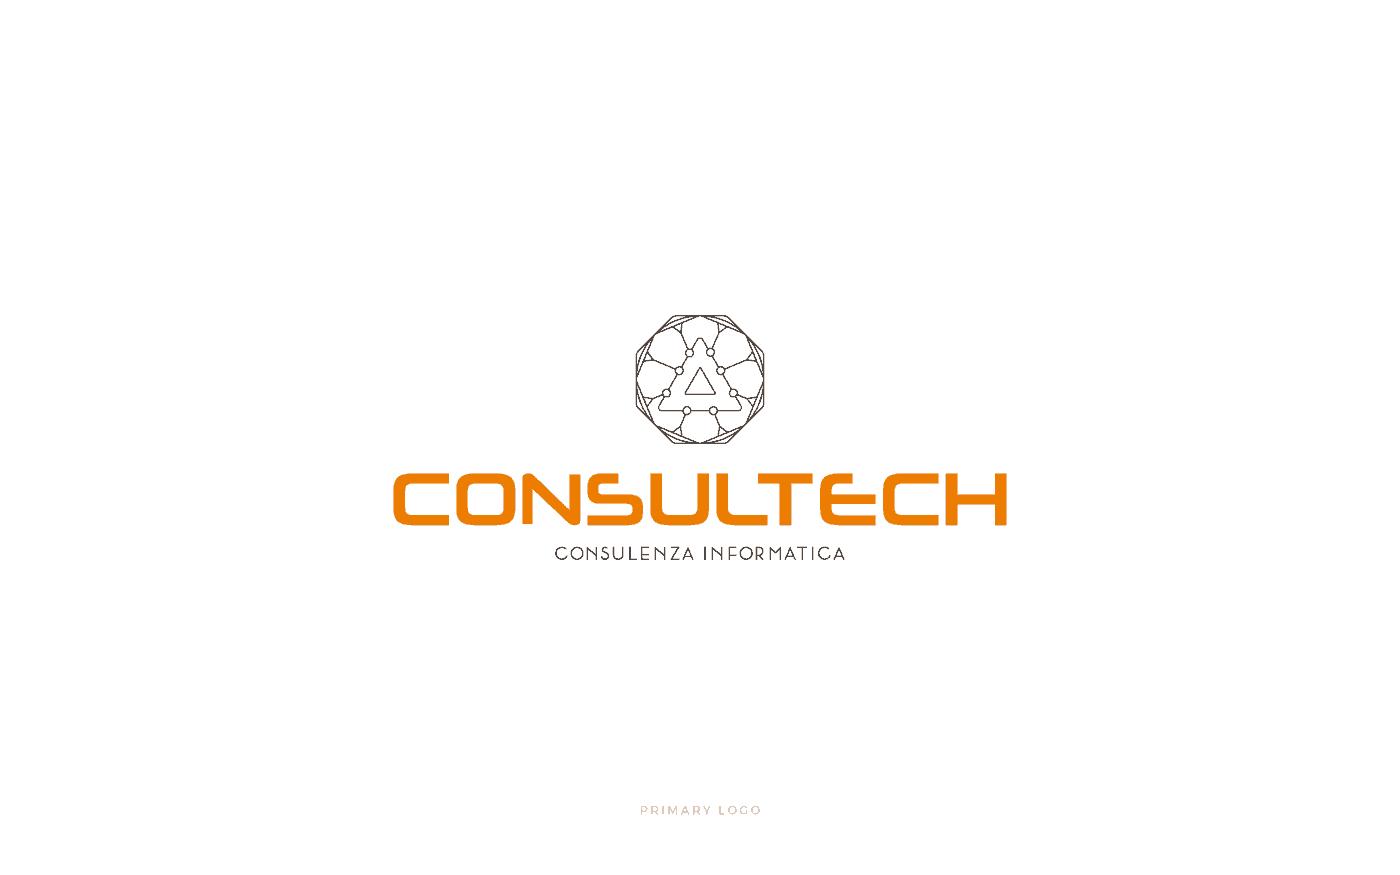 Consultech logo primario